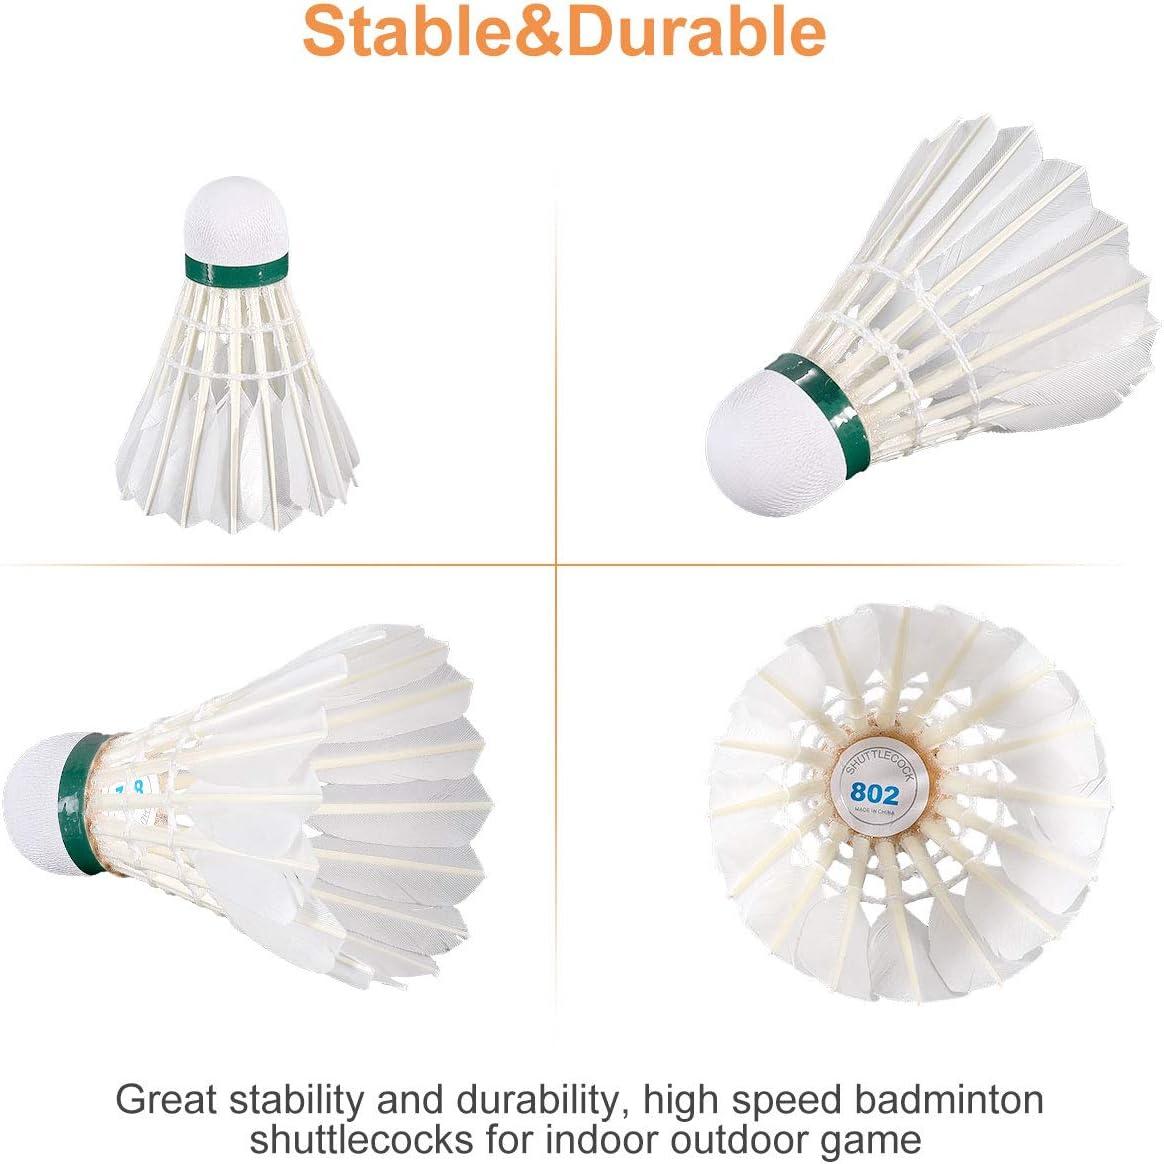 Fostoy Volantes de B/ádminton Bolas de B/ádminton de Alta Velocidad para Juegos en Interiores y Exteriores Paquete de 18 Volantes de Plumas de Ganso con Gran Estabilidad y Durabilidad